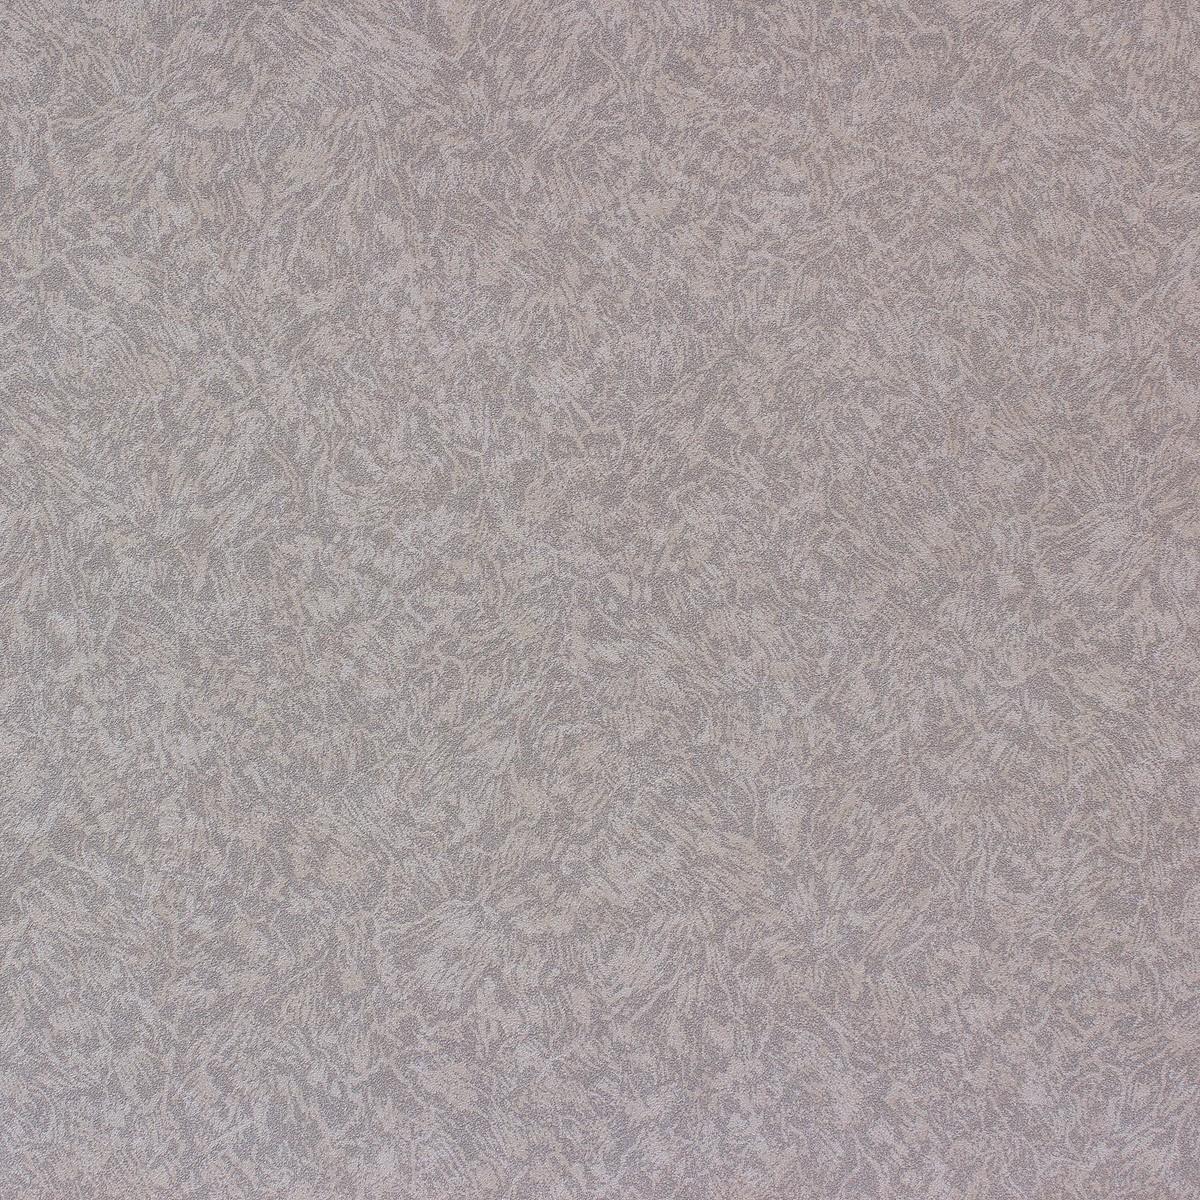 Tapete marburg zuhause wohnen uni grau 54749 for Marburg tapeten